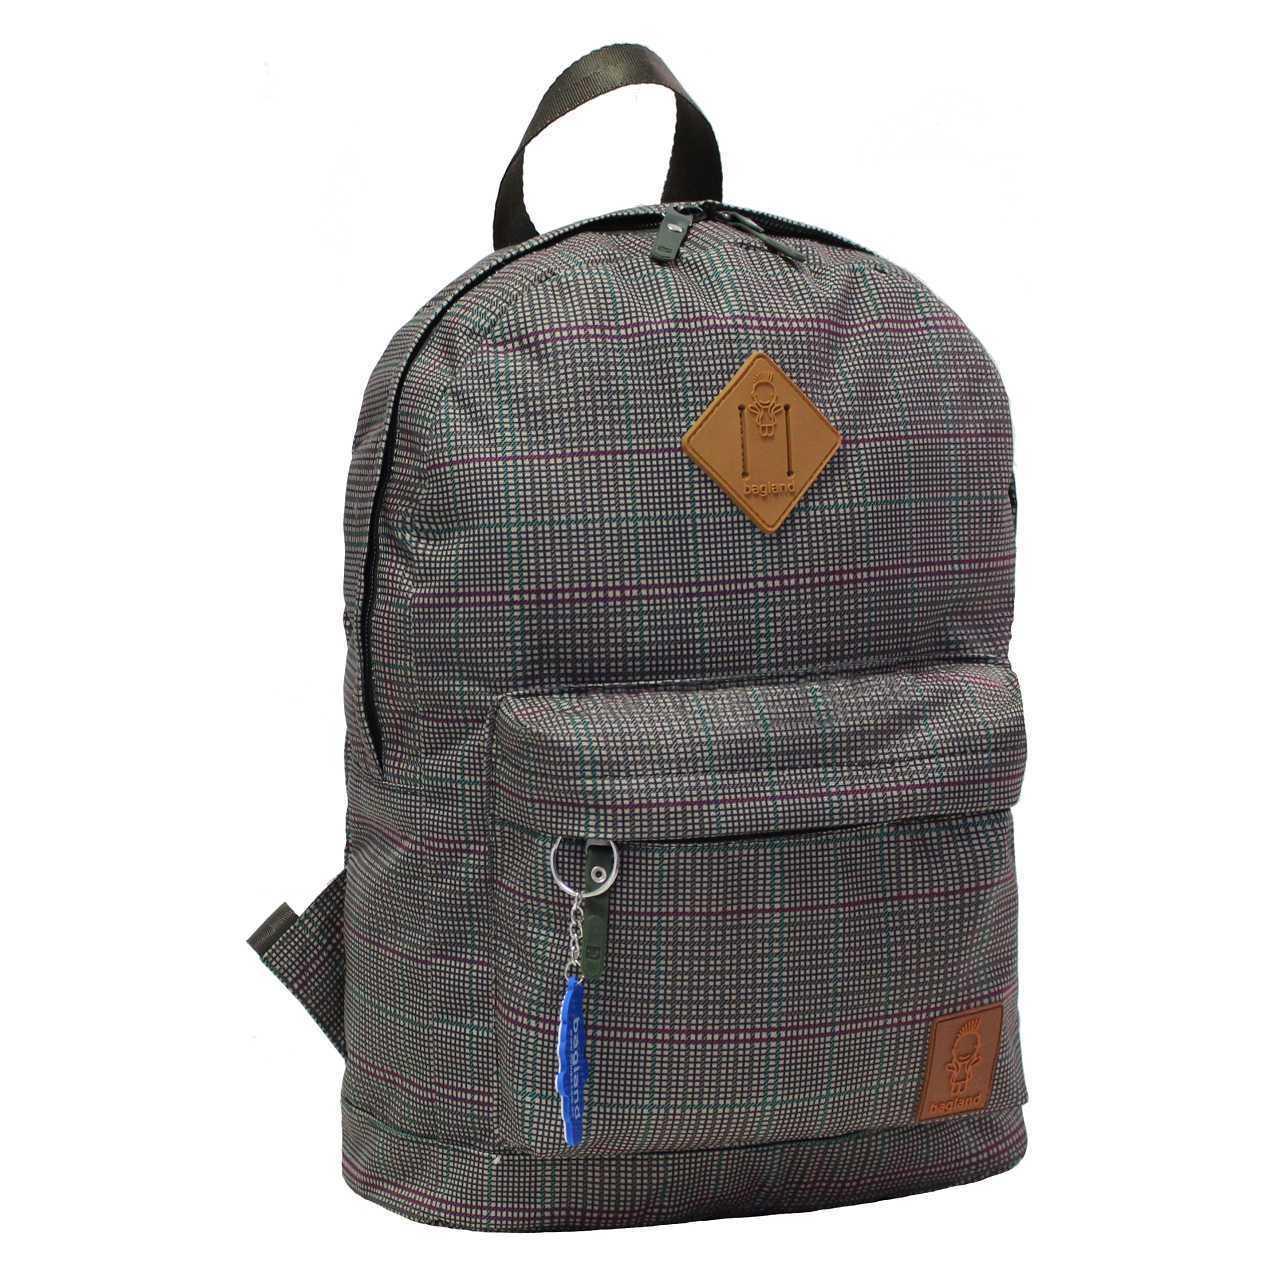 Городские рюкзаки Рюкзак Bagland Молодежный (дизайн) 17 л. сублимация (клетка) (00533664) IMG_2123.jpg